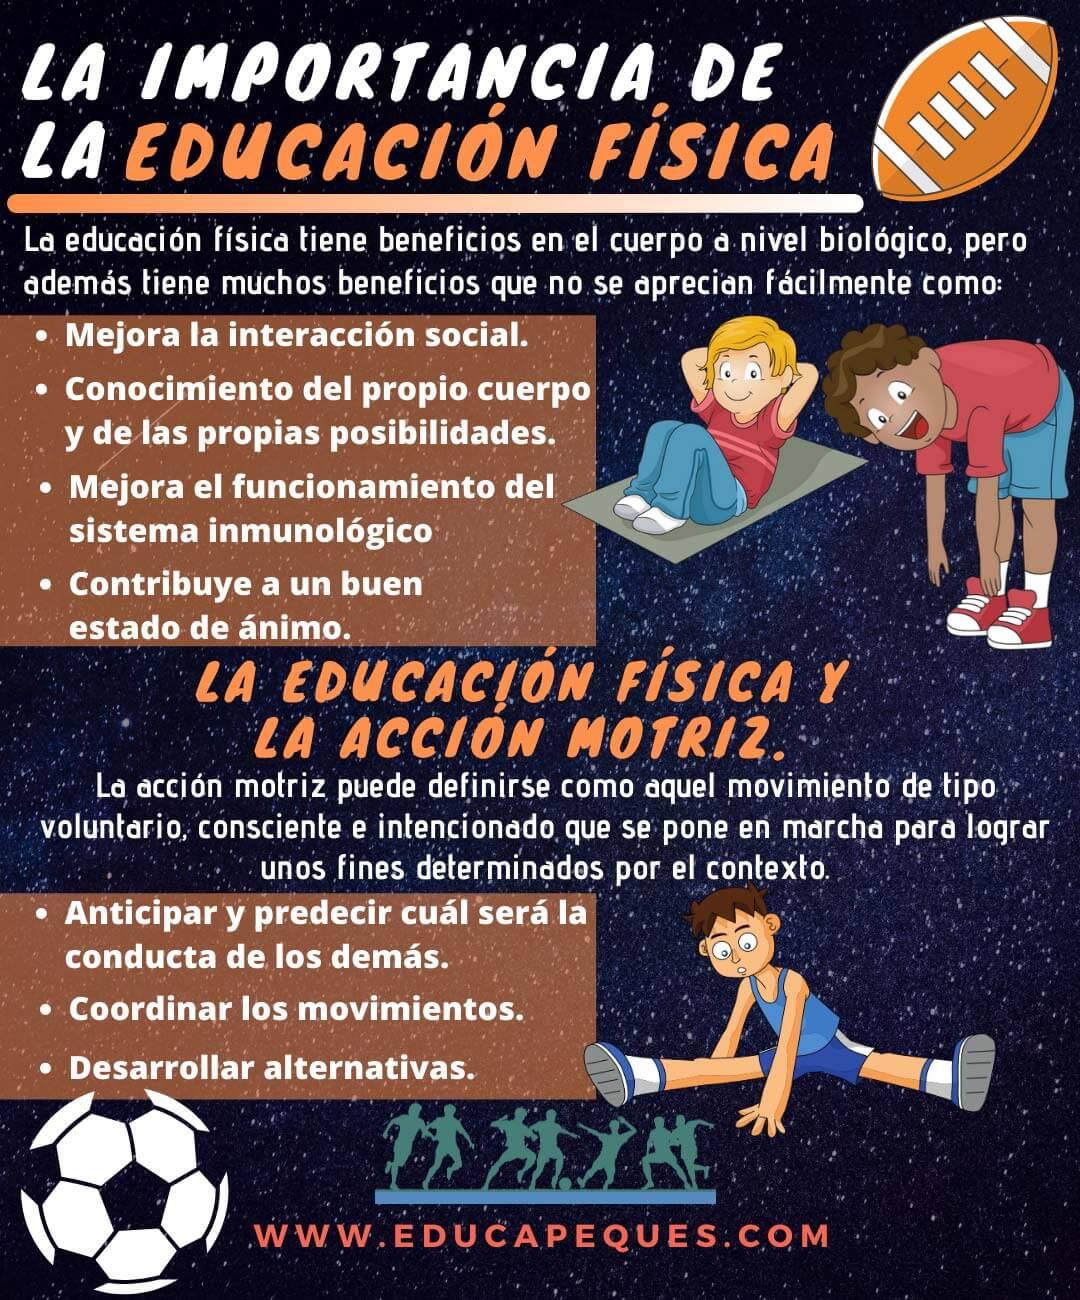 La Importancia De La Educación Física En Los Niños Y Niñas